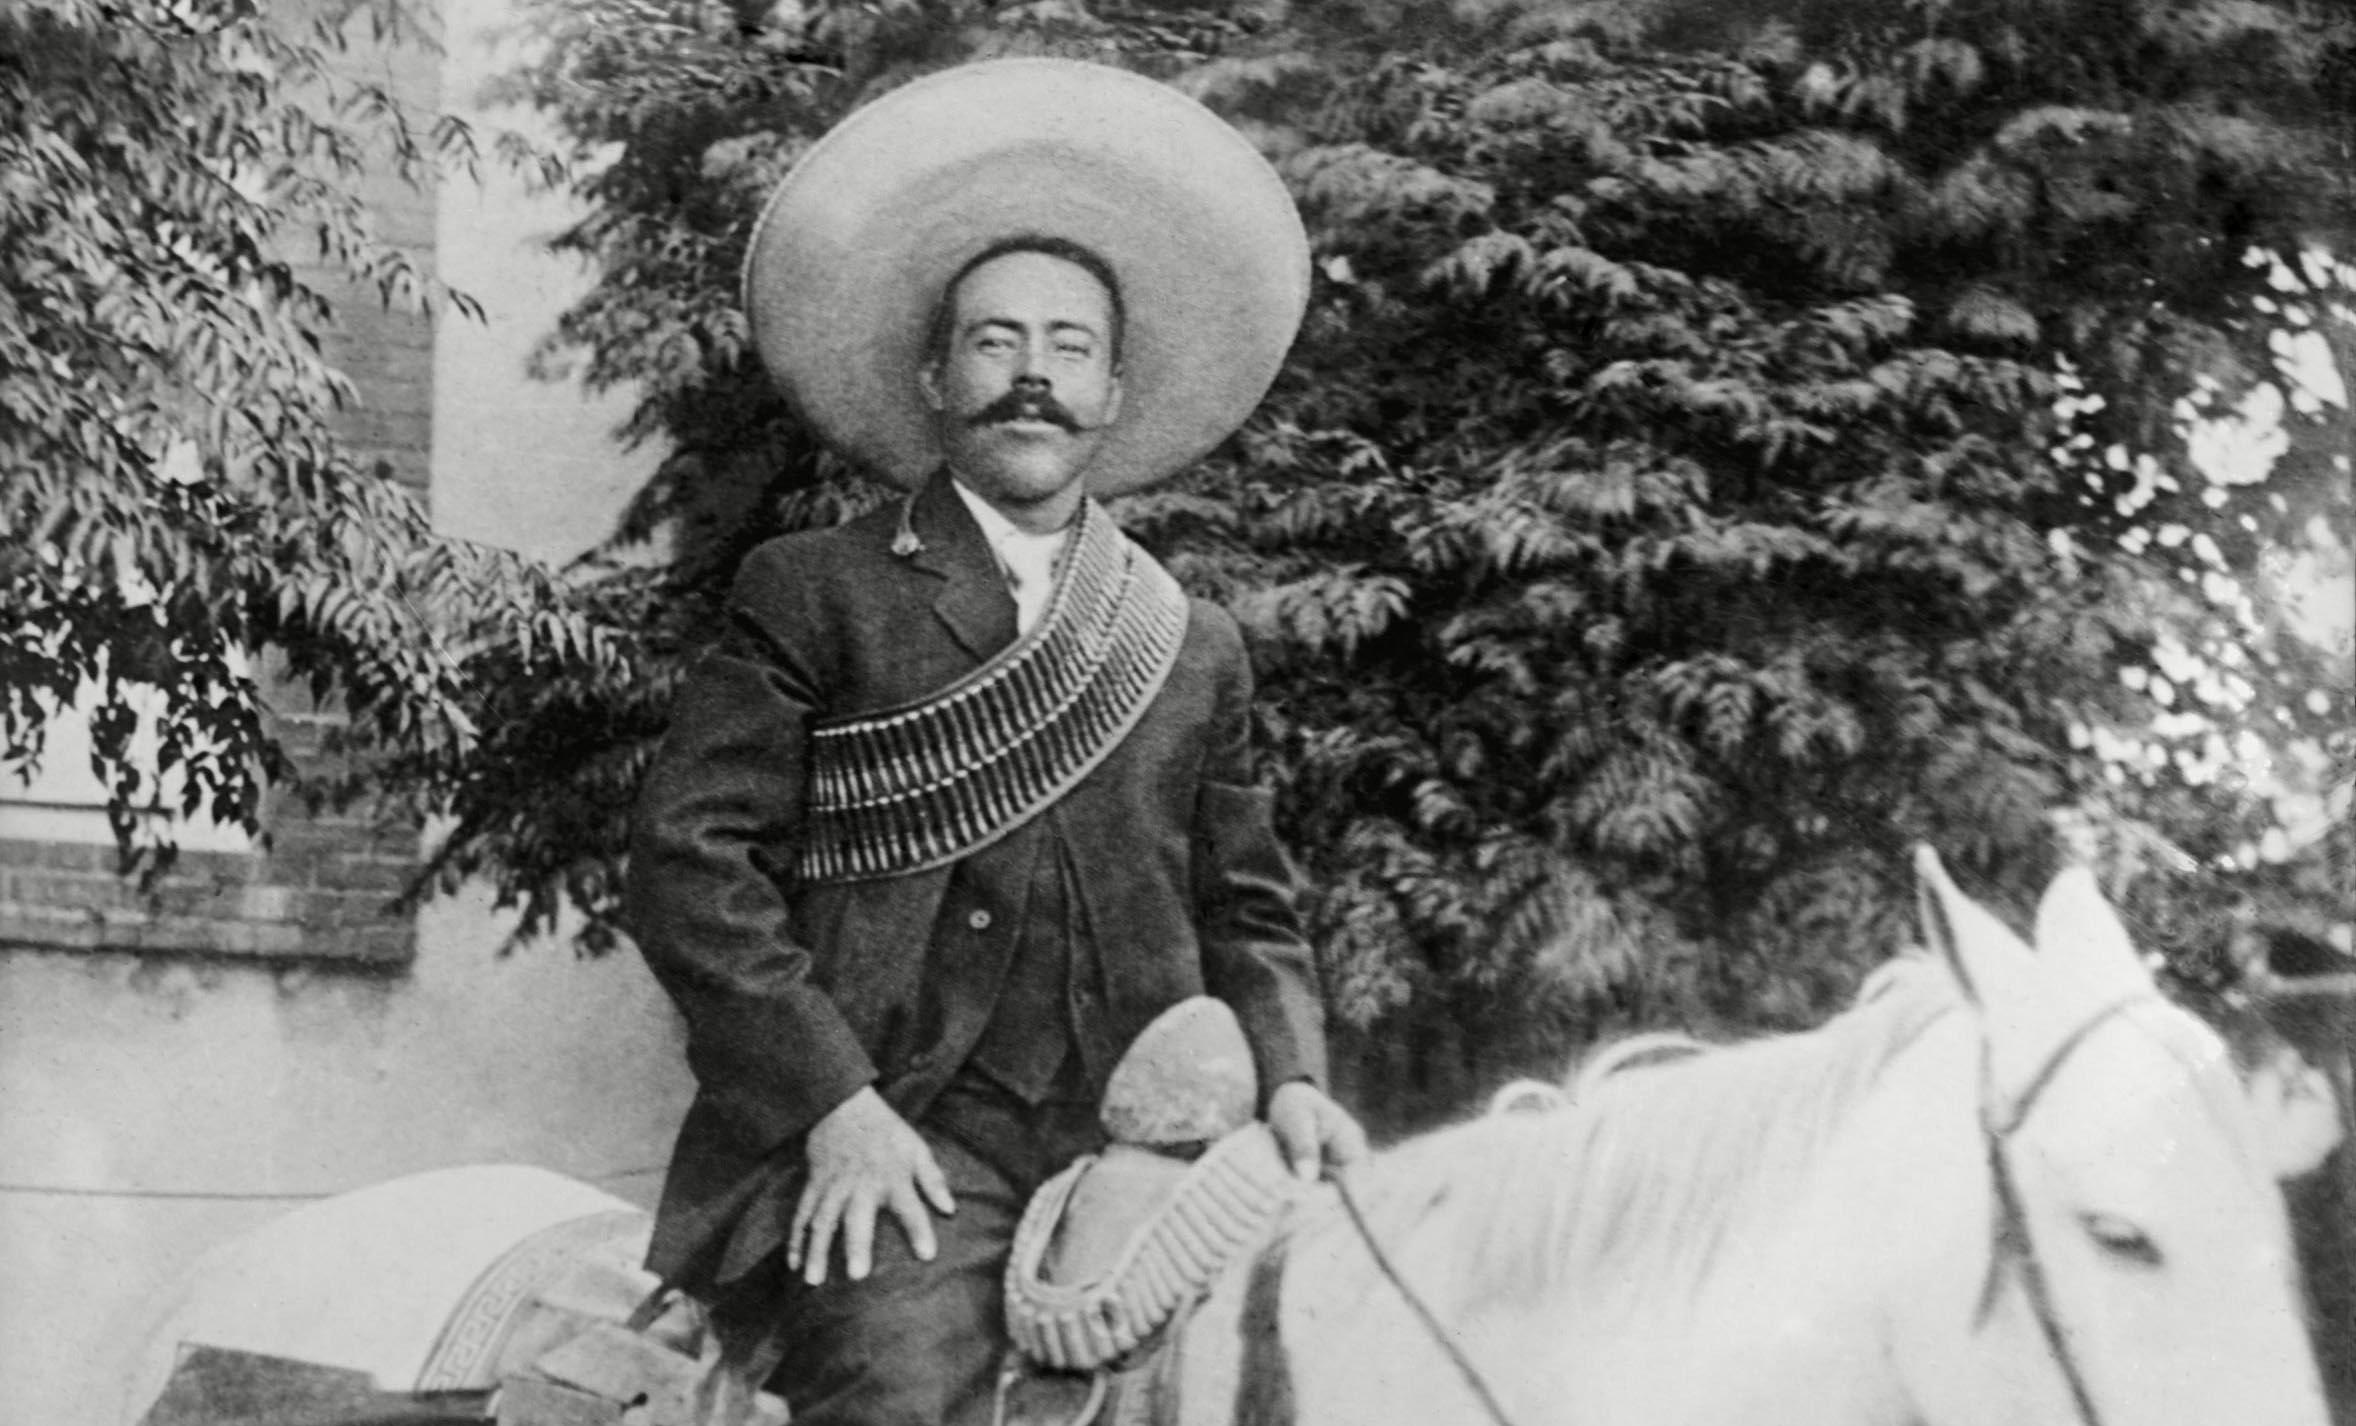 5 потрясающих историй о Панчо Вилье — мексиканском революционере, который грабил США на «Харли-Дэвидсонах»